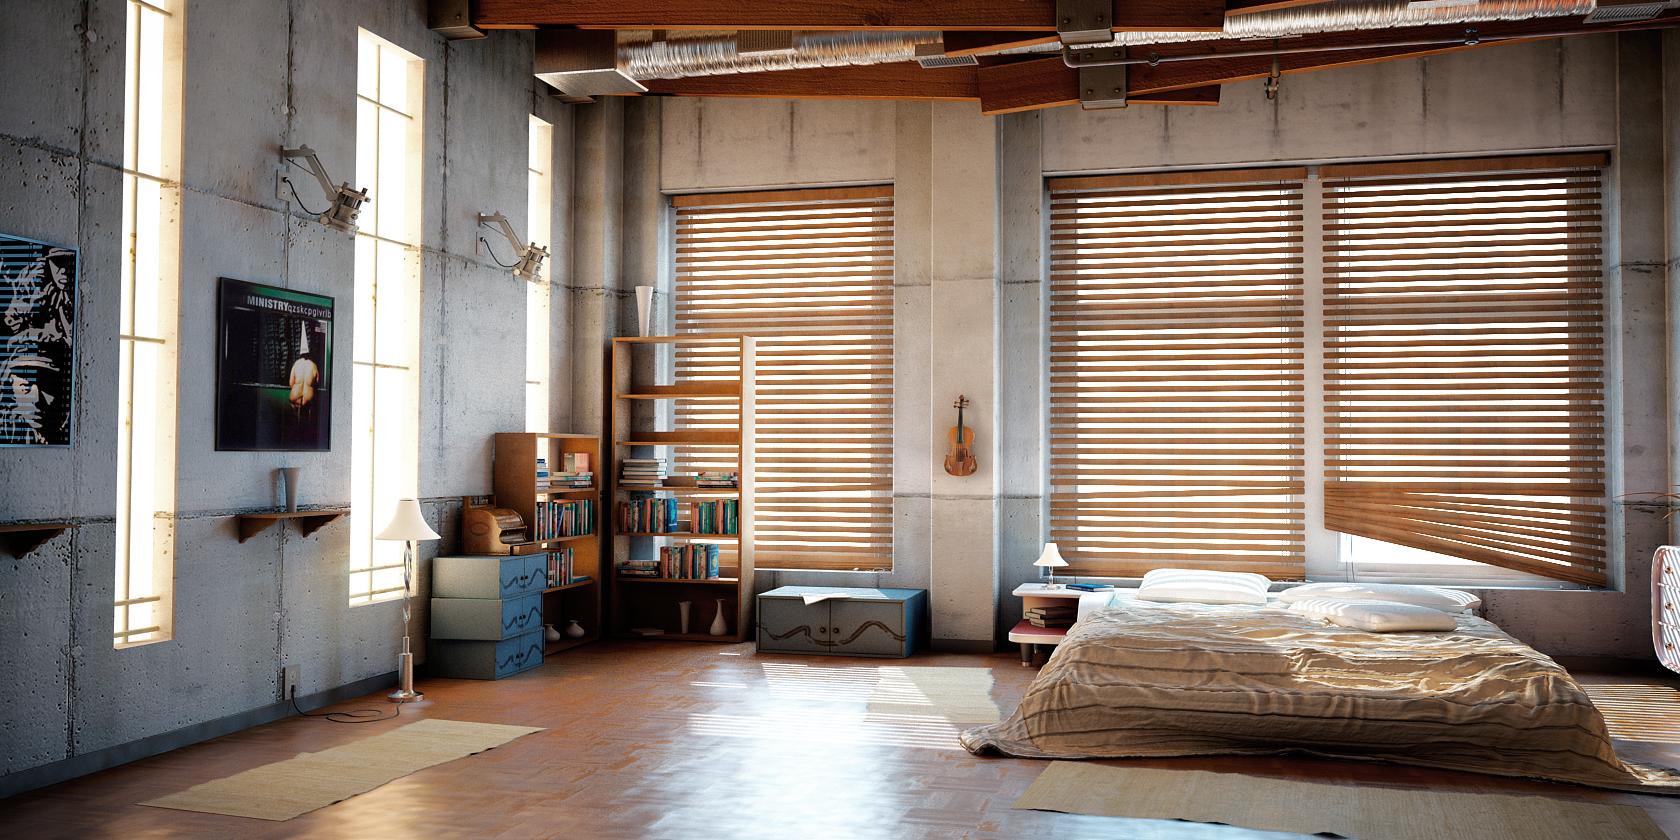 lofts-industriales-cargados-de-modernidad.jpg